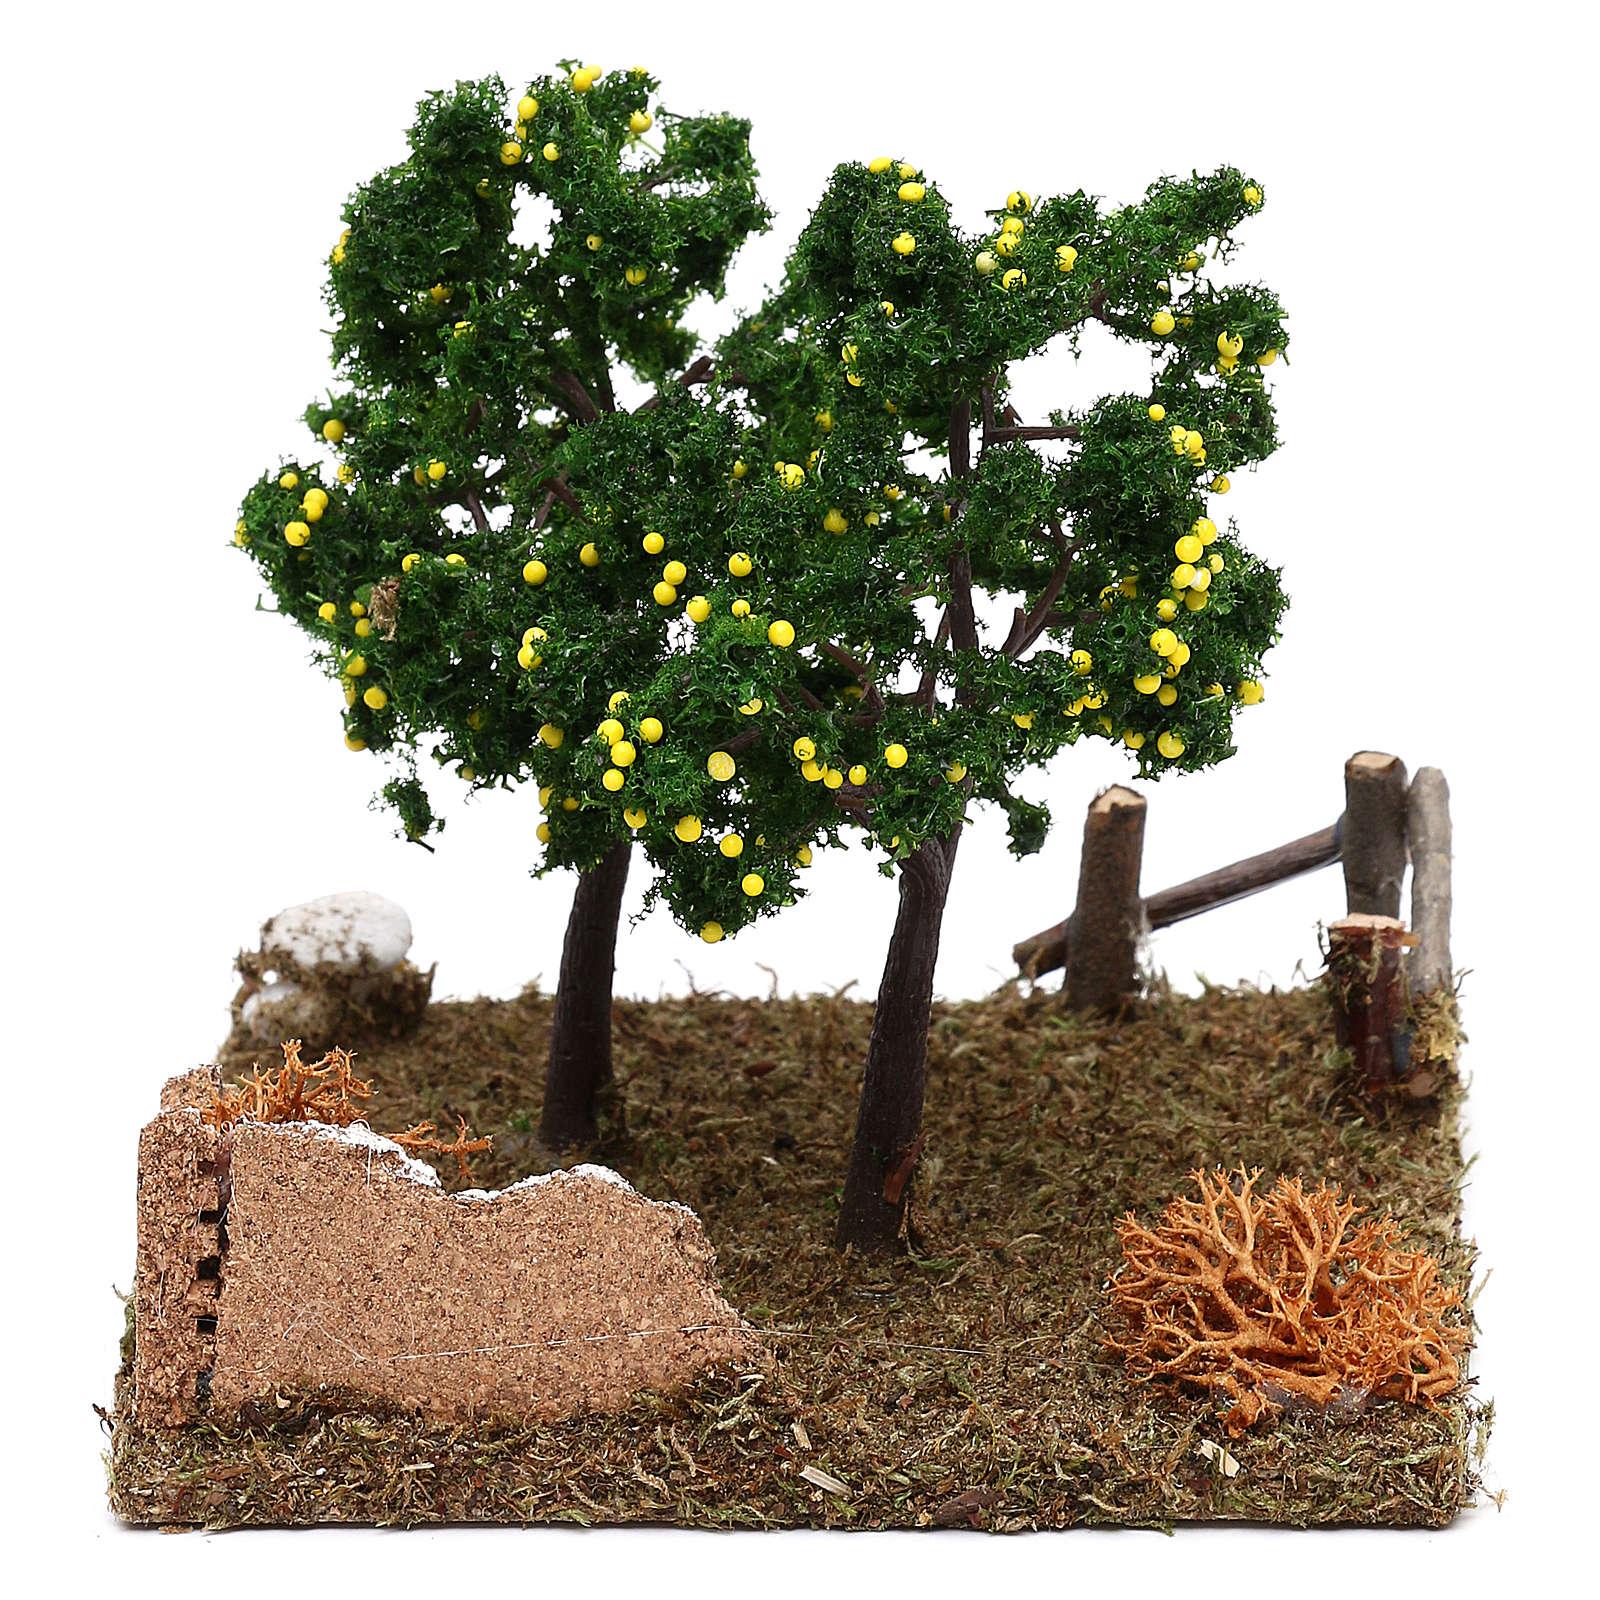 Garden with lemon trees for Nativity scene 8 cm 4